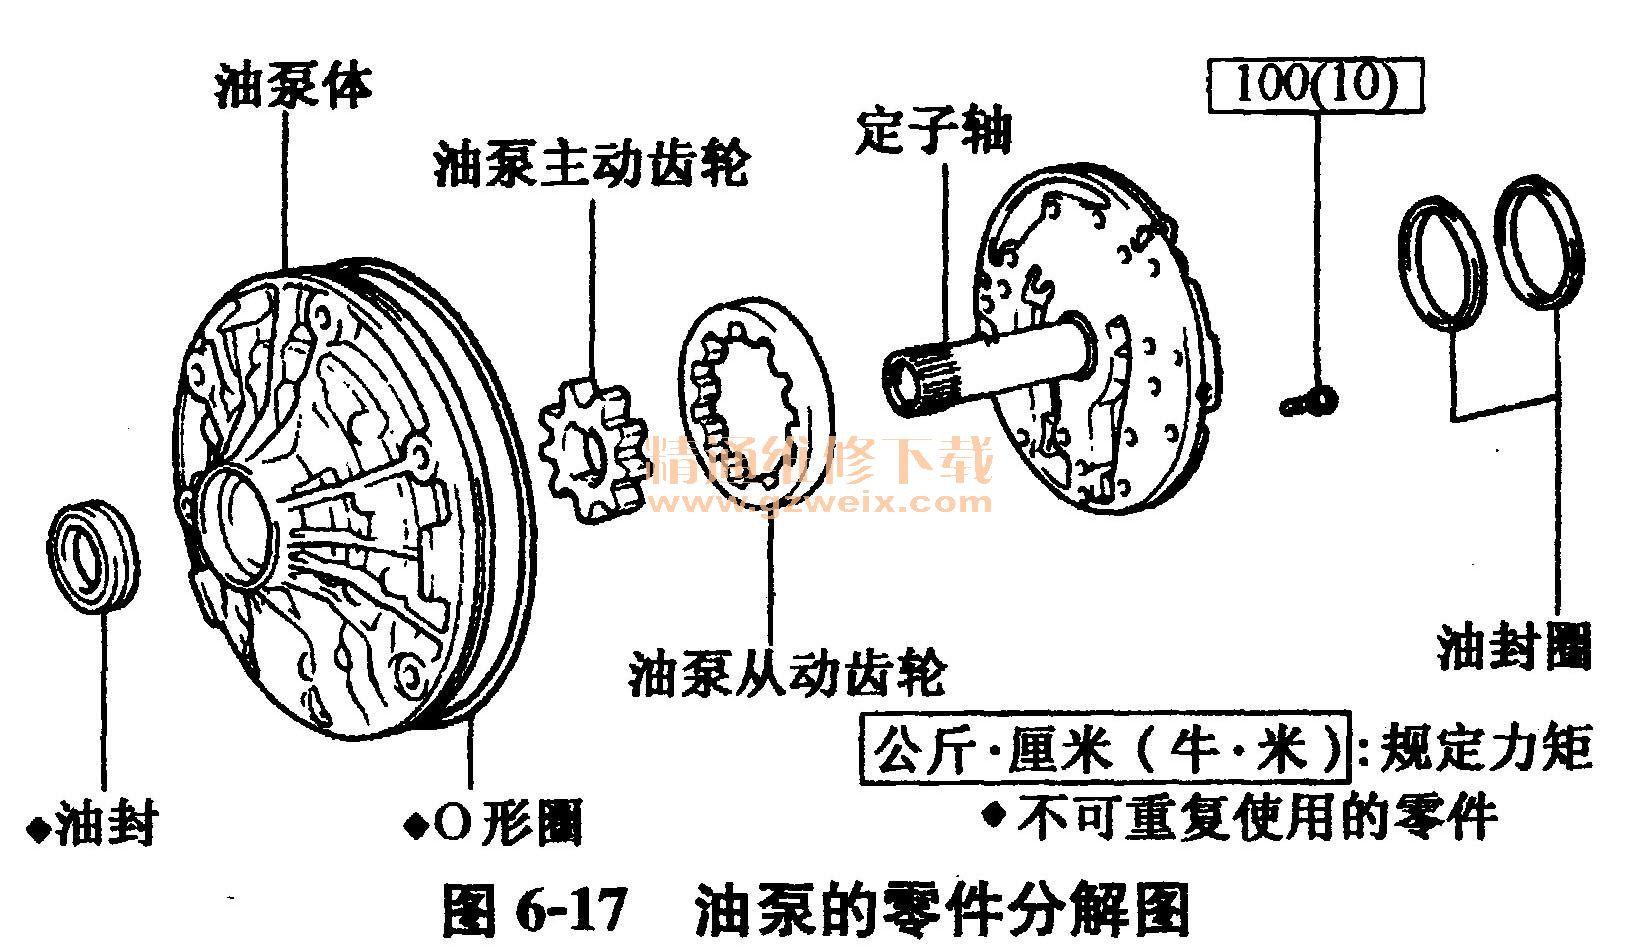 本部分以a341e型自动变速器的液压控制系统为图片